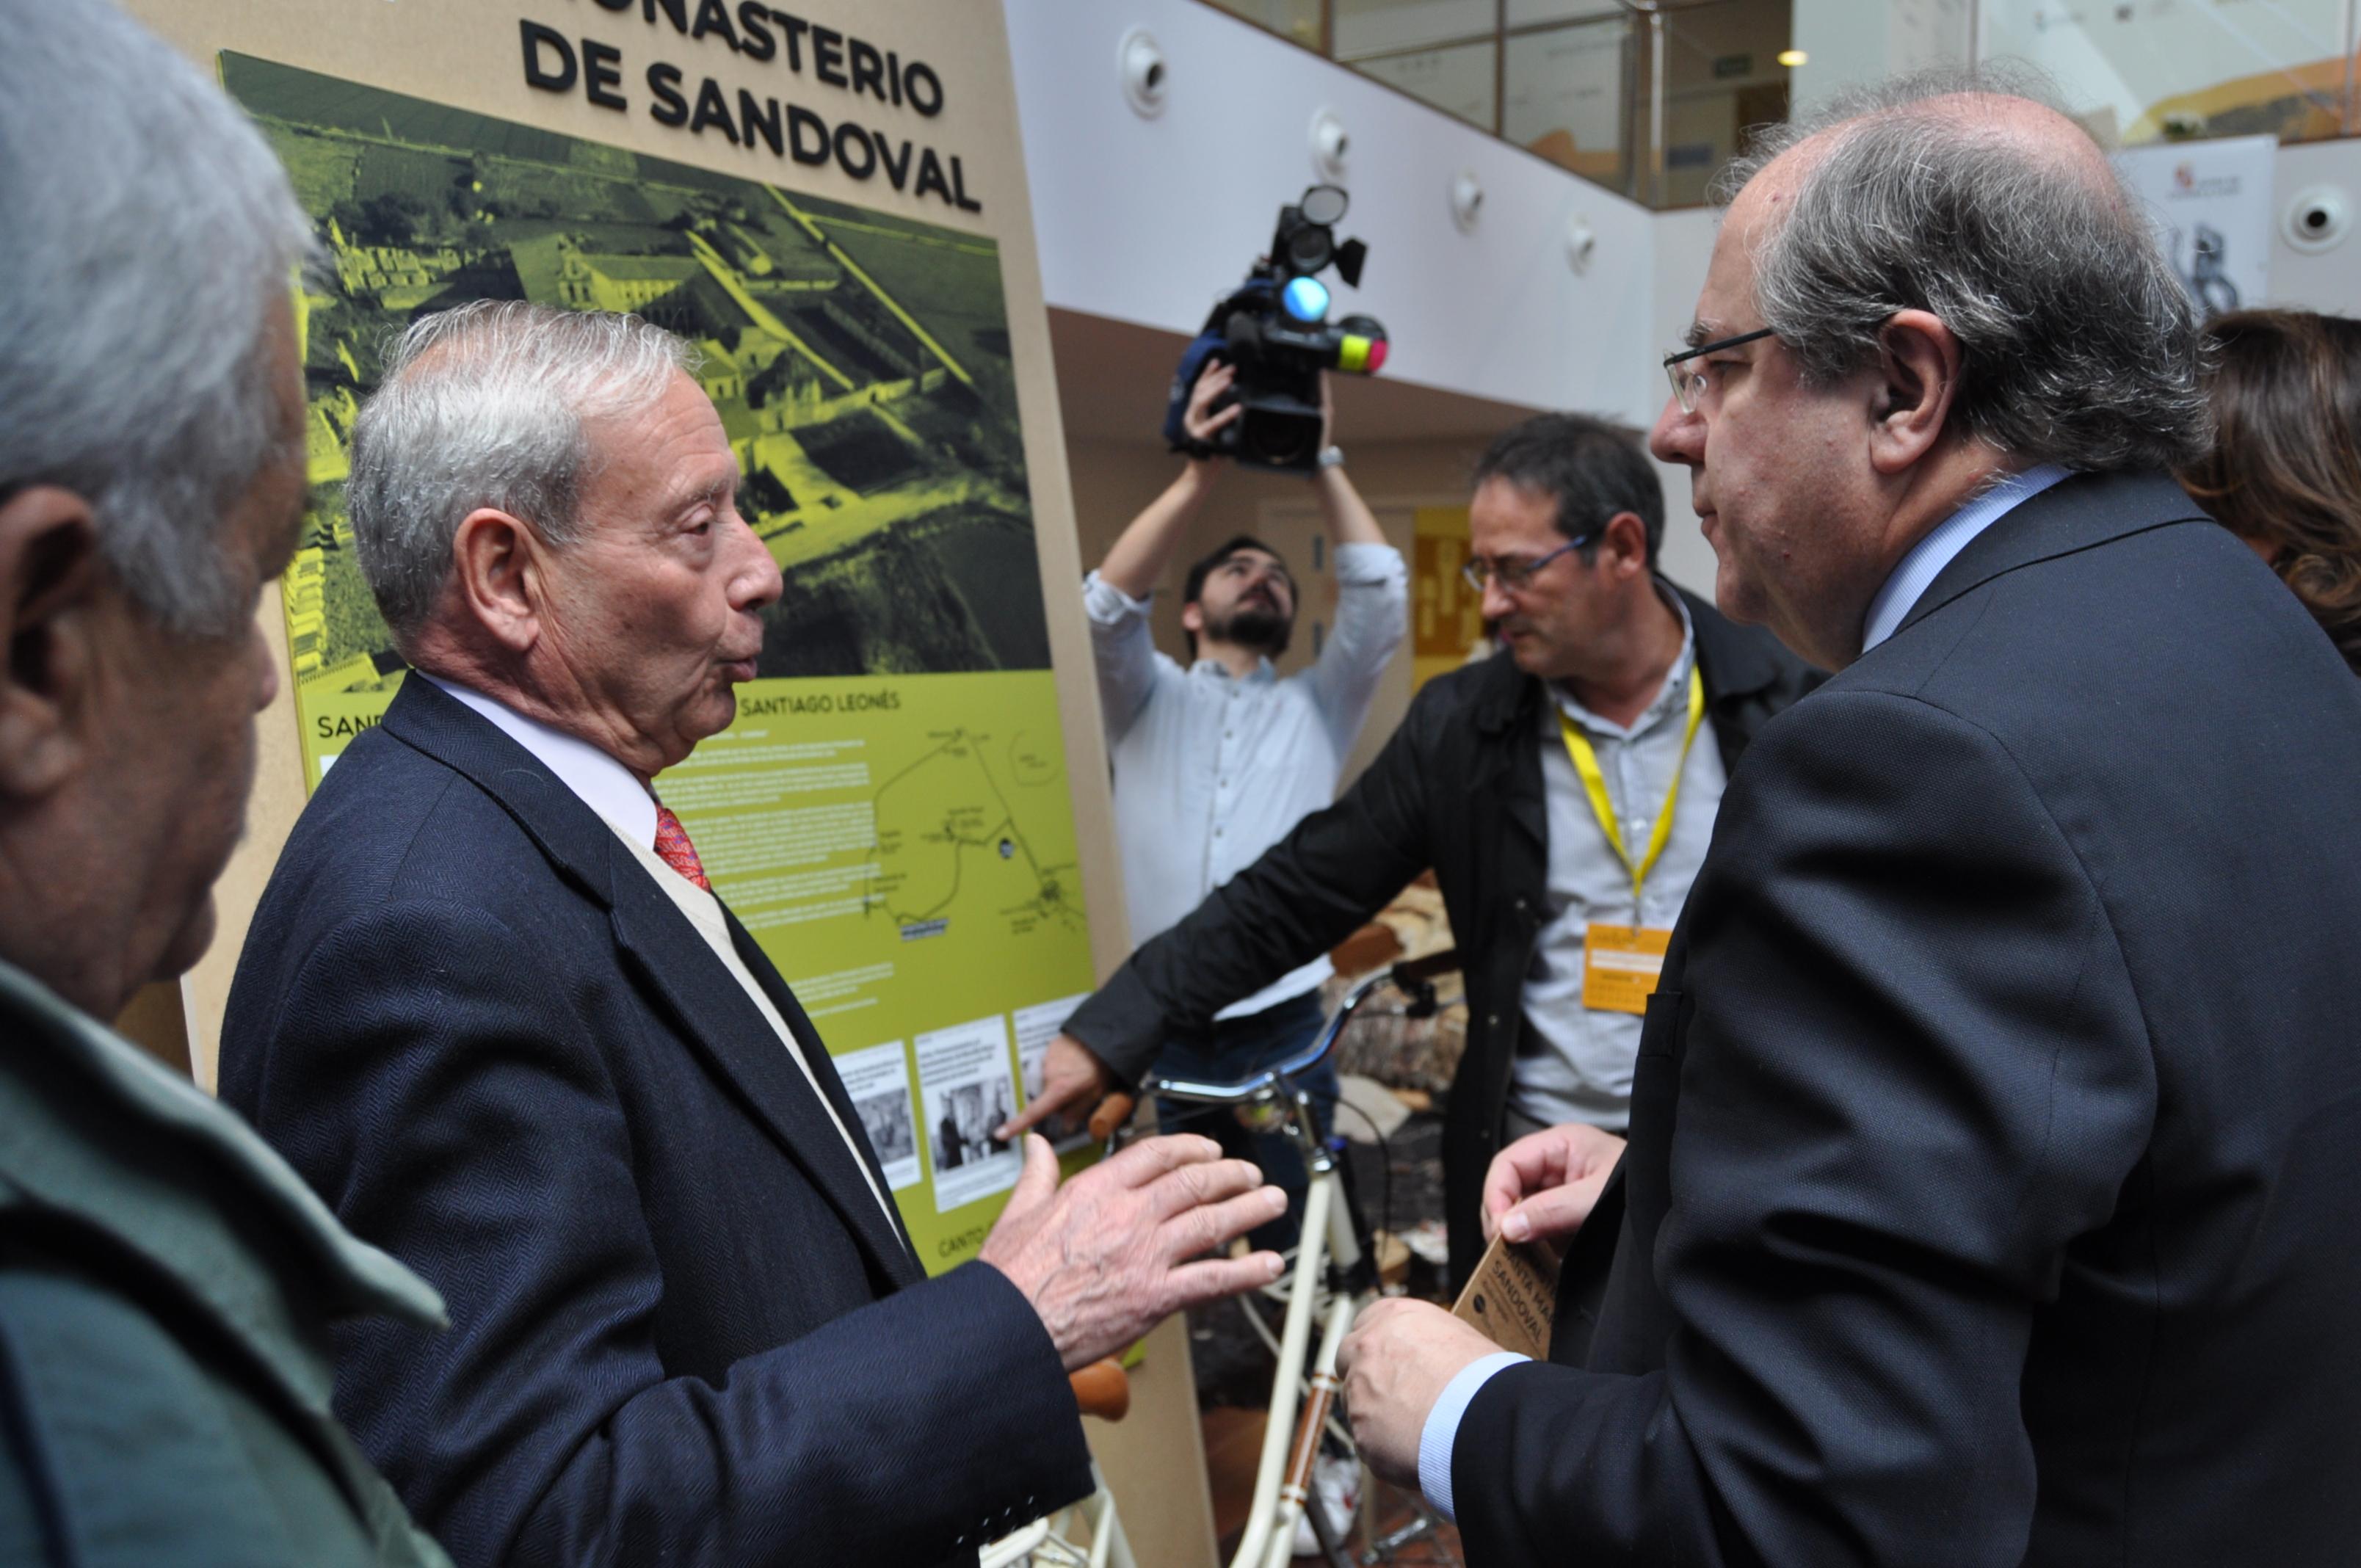 El presidente de la Junta de Castilla y León, Juan Vicente Herrera, escucha las sugerencias del presidente de Promonumenta, Marcelino Fernández.